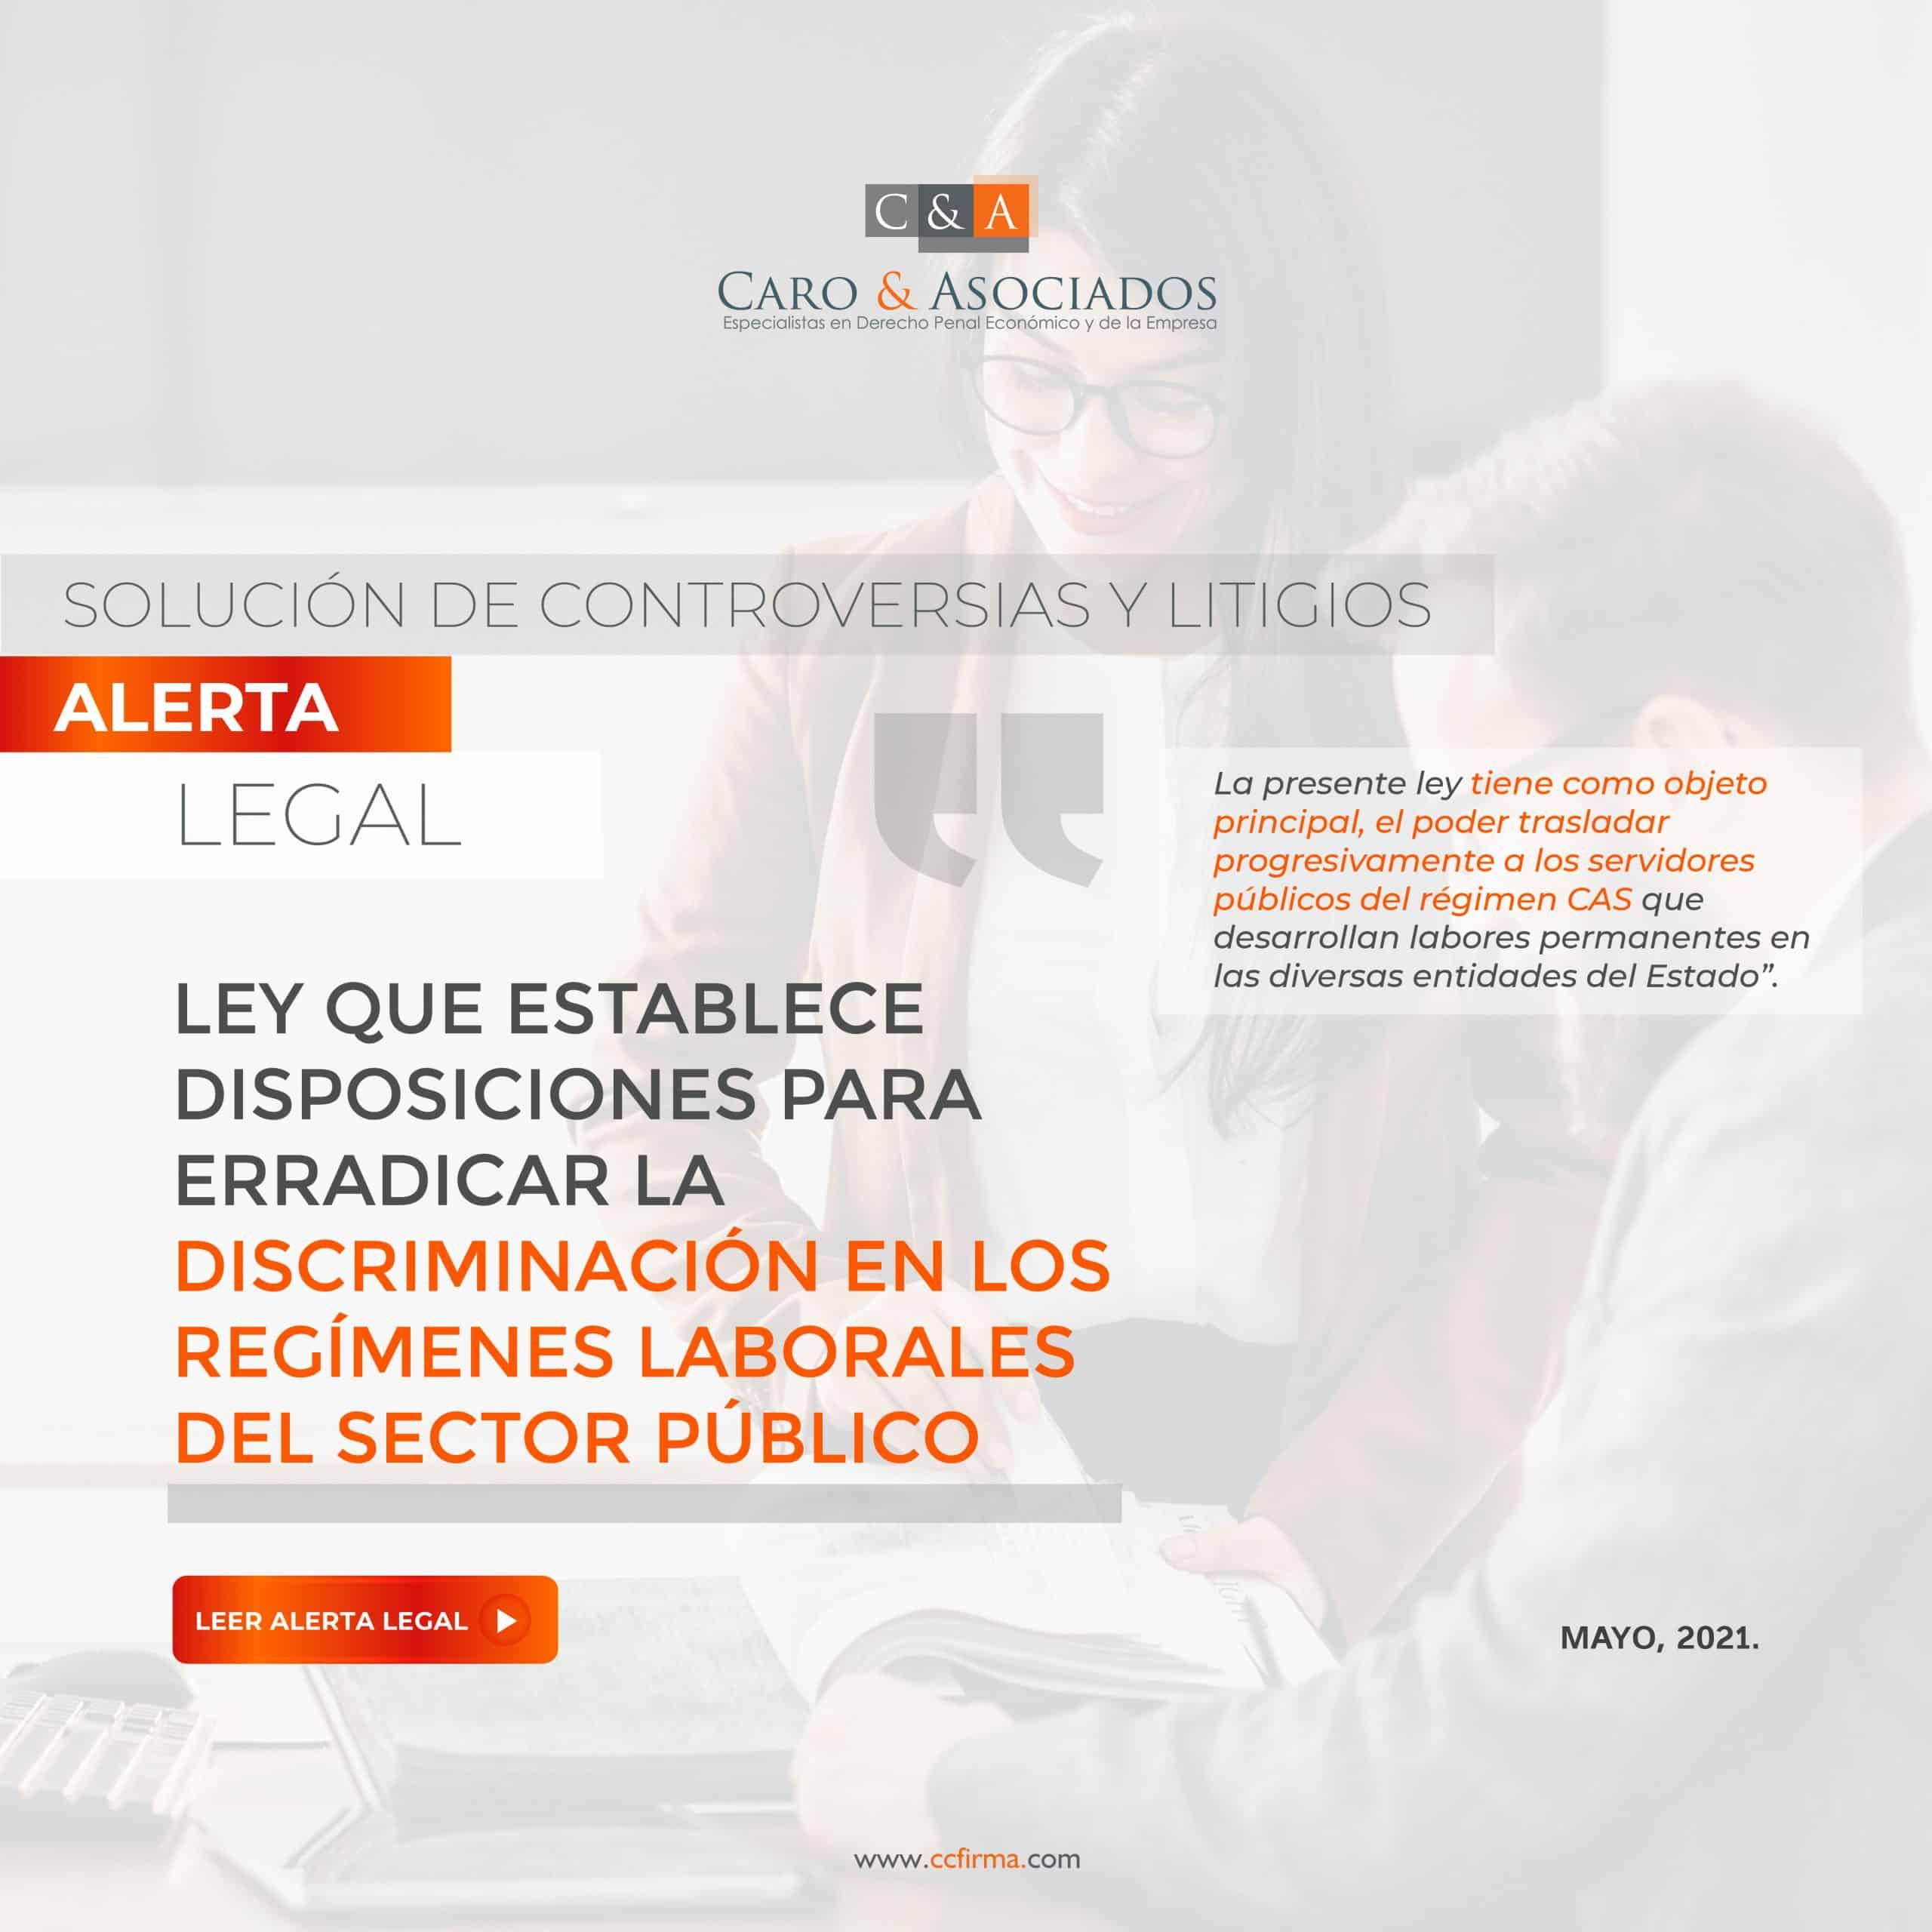 Alerta Legal: Ley Que Establece Disposiciones Para Erradicar La Discriminación En Los Regímenes Laborales Del Sector Público